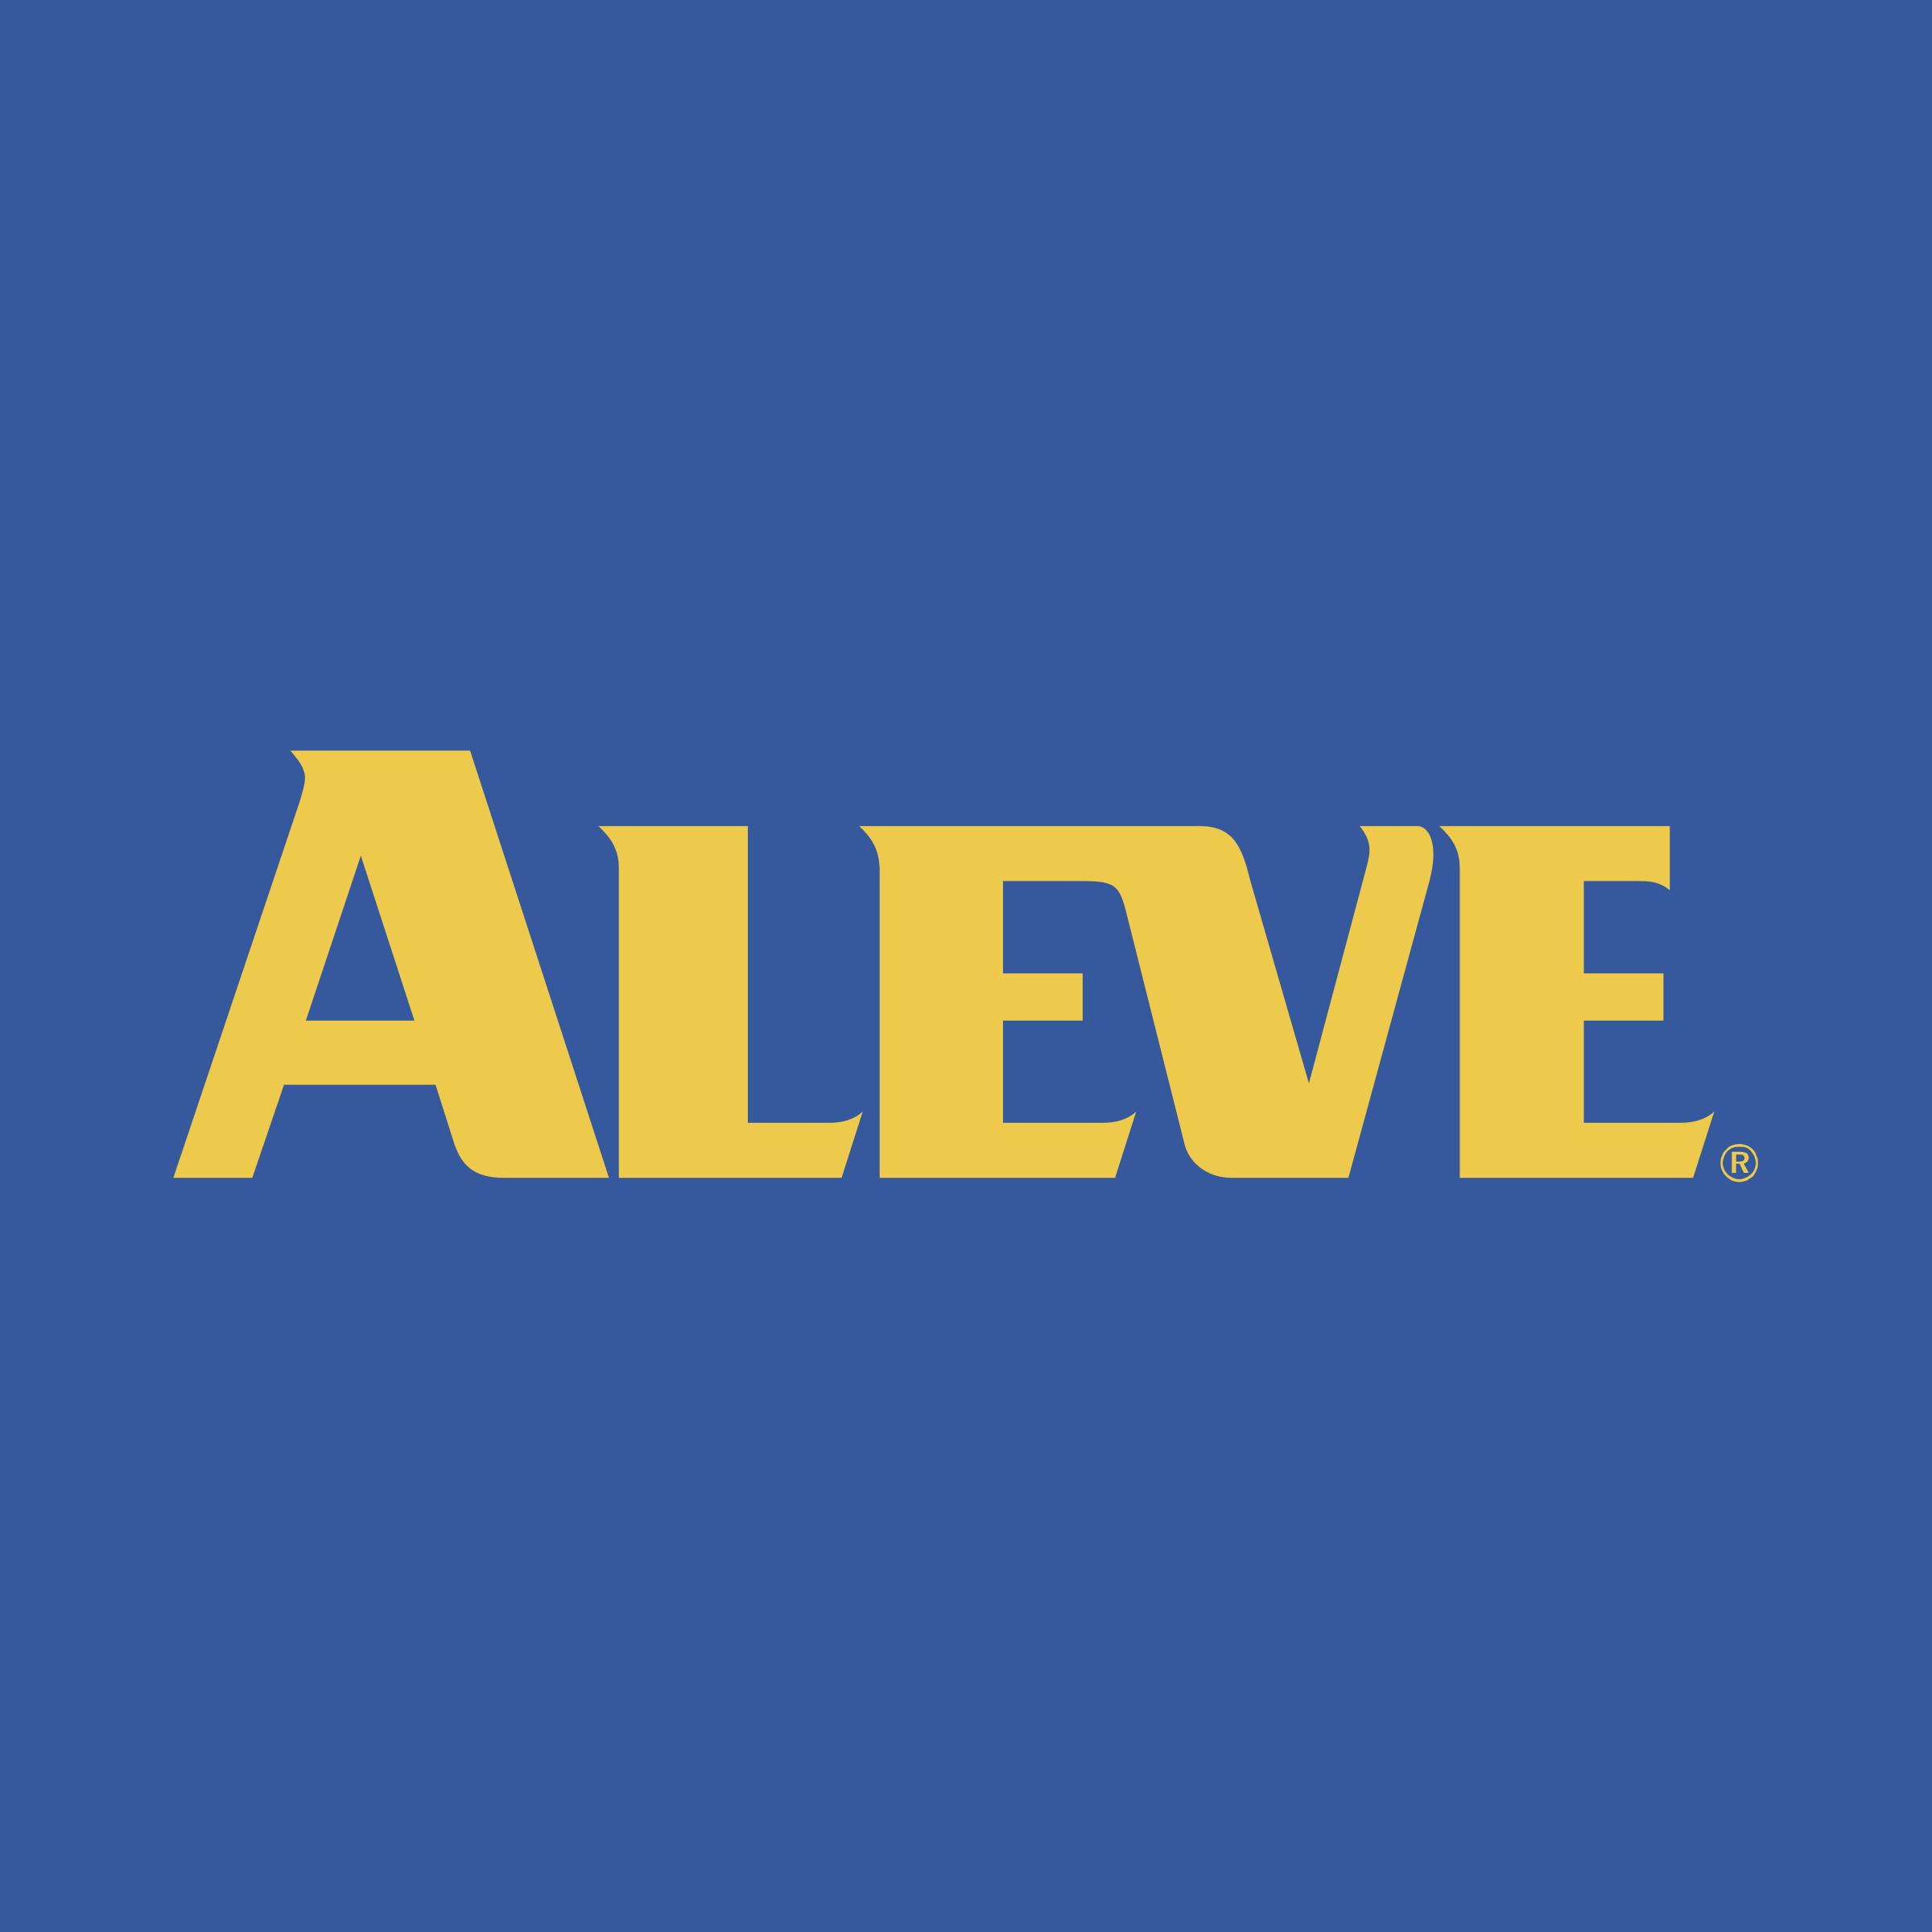 Aleve Logo PNG Transparent & SVG Vector - Freebie Supply